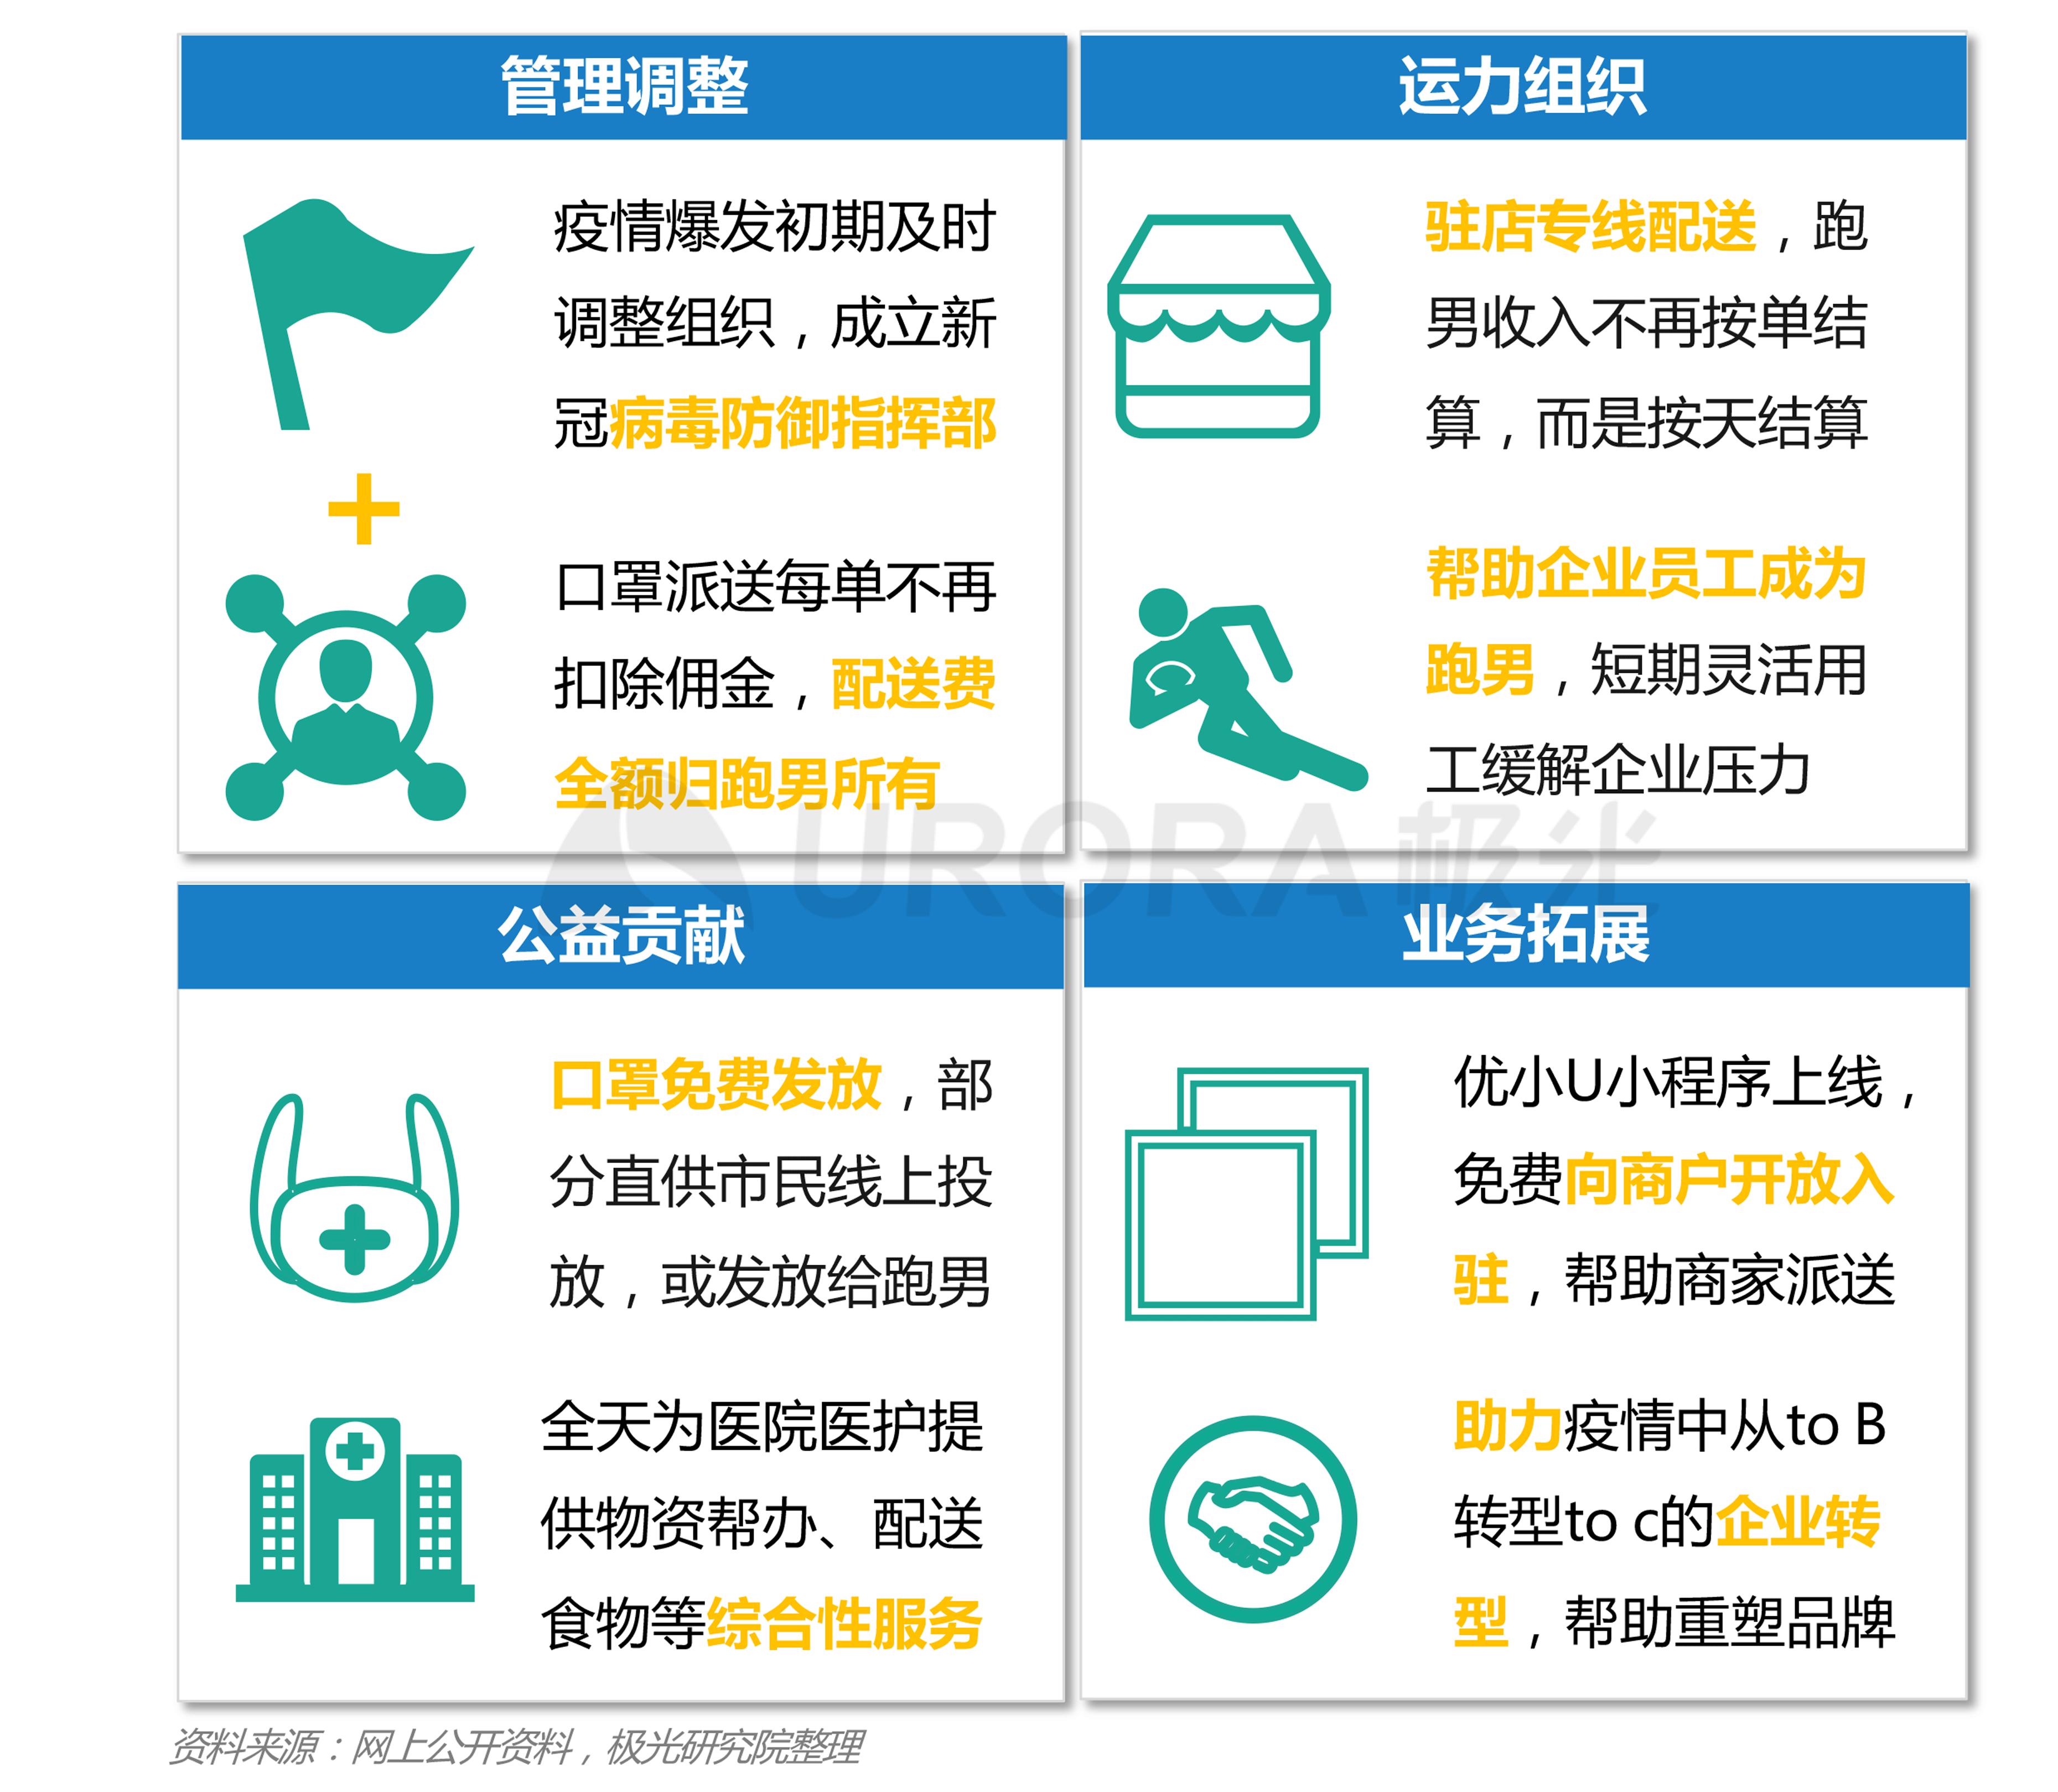 极光:2020年疫情后跑腿行业研究报告 (10).png